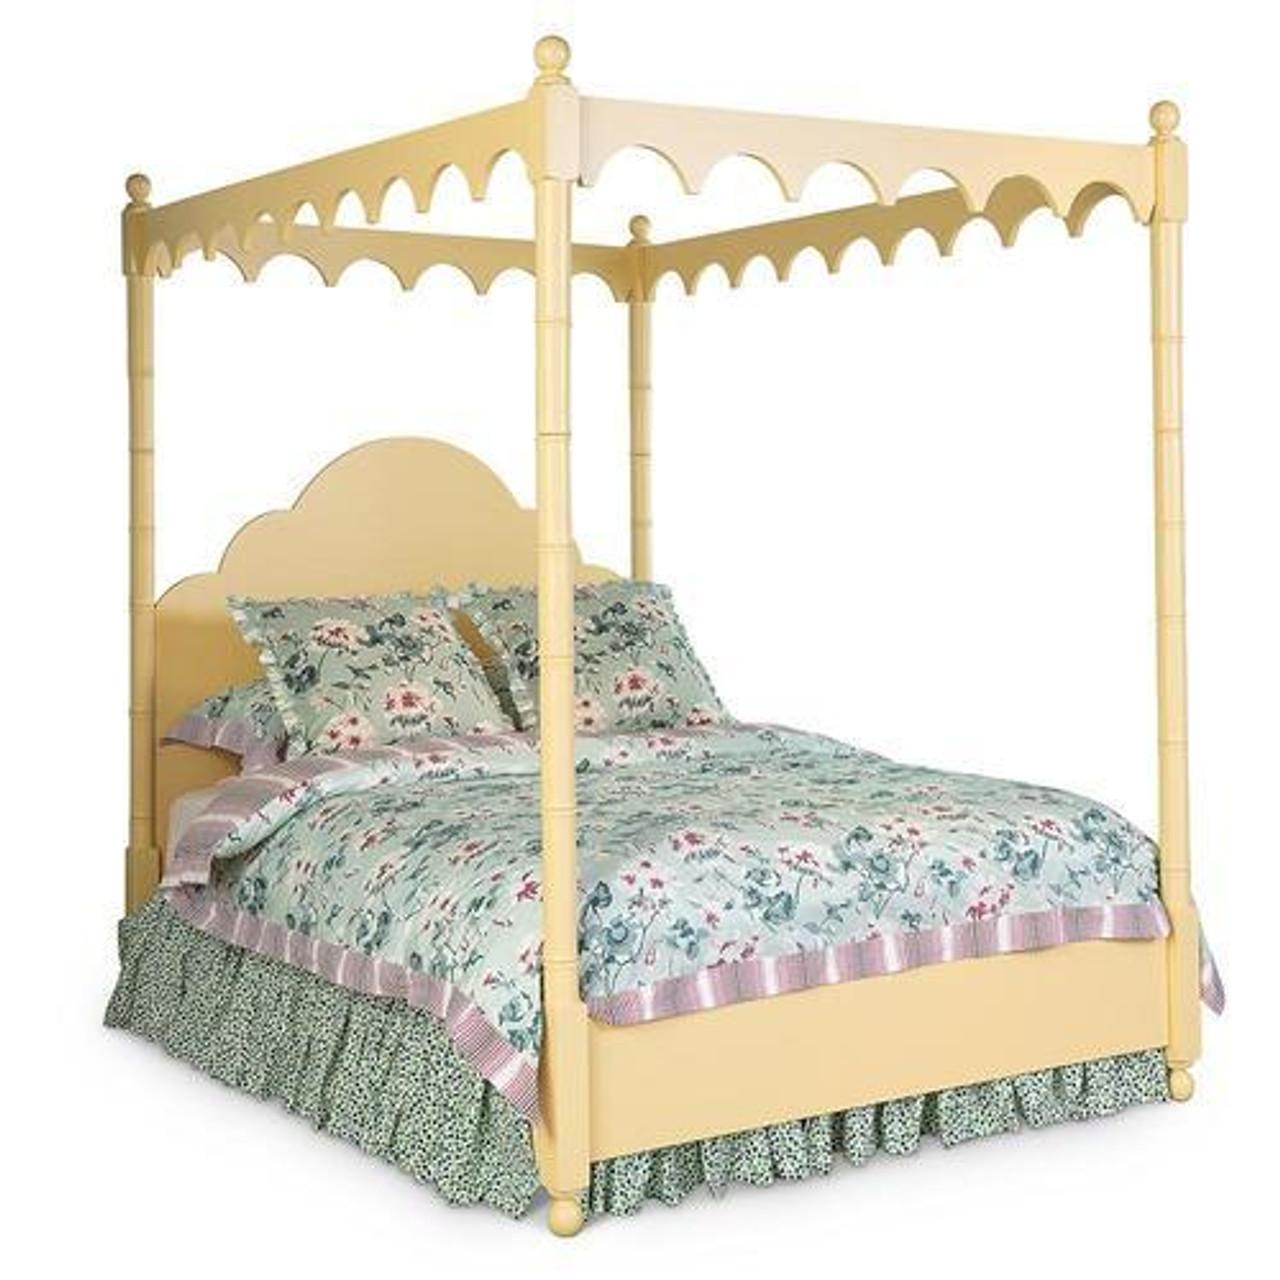 Children S Furniture Store Buy High End Kids Furniture Online Luxury Bedroom Furniture Sets For Sale Bograd Kids